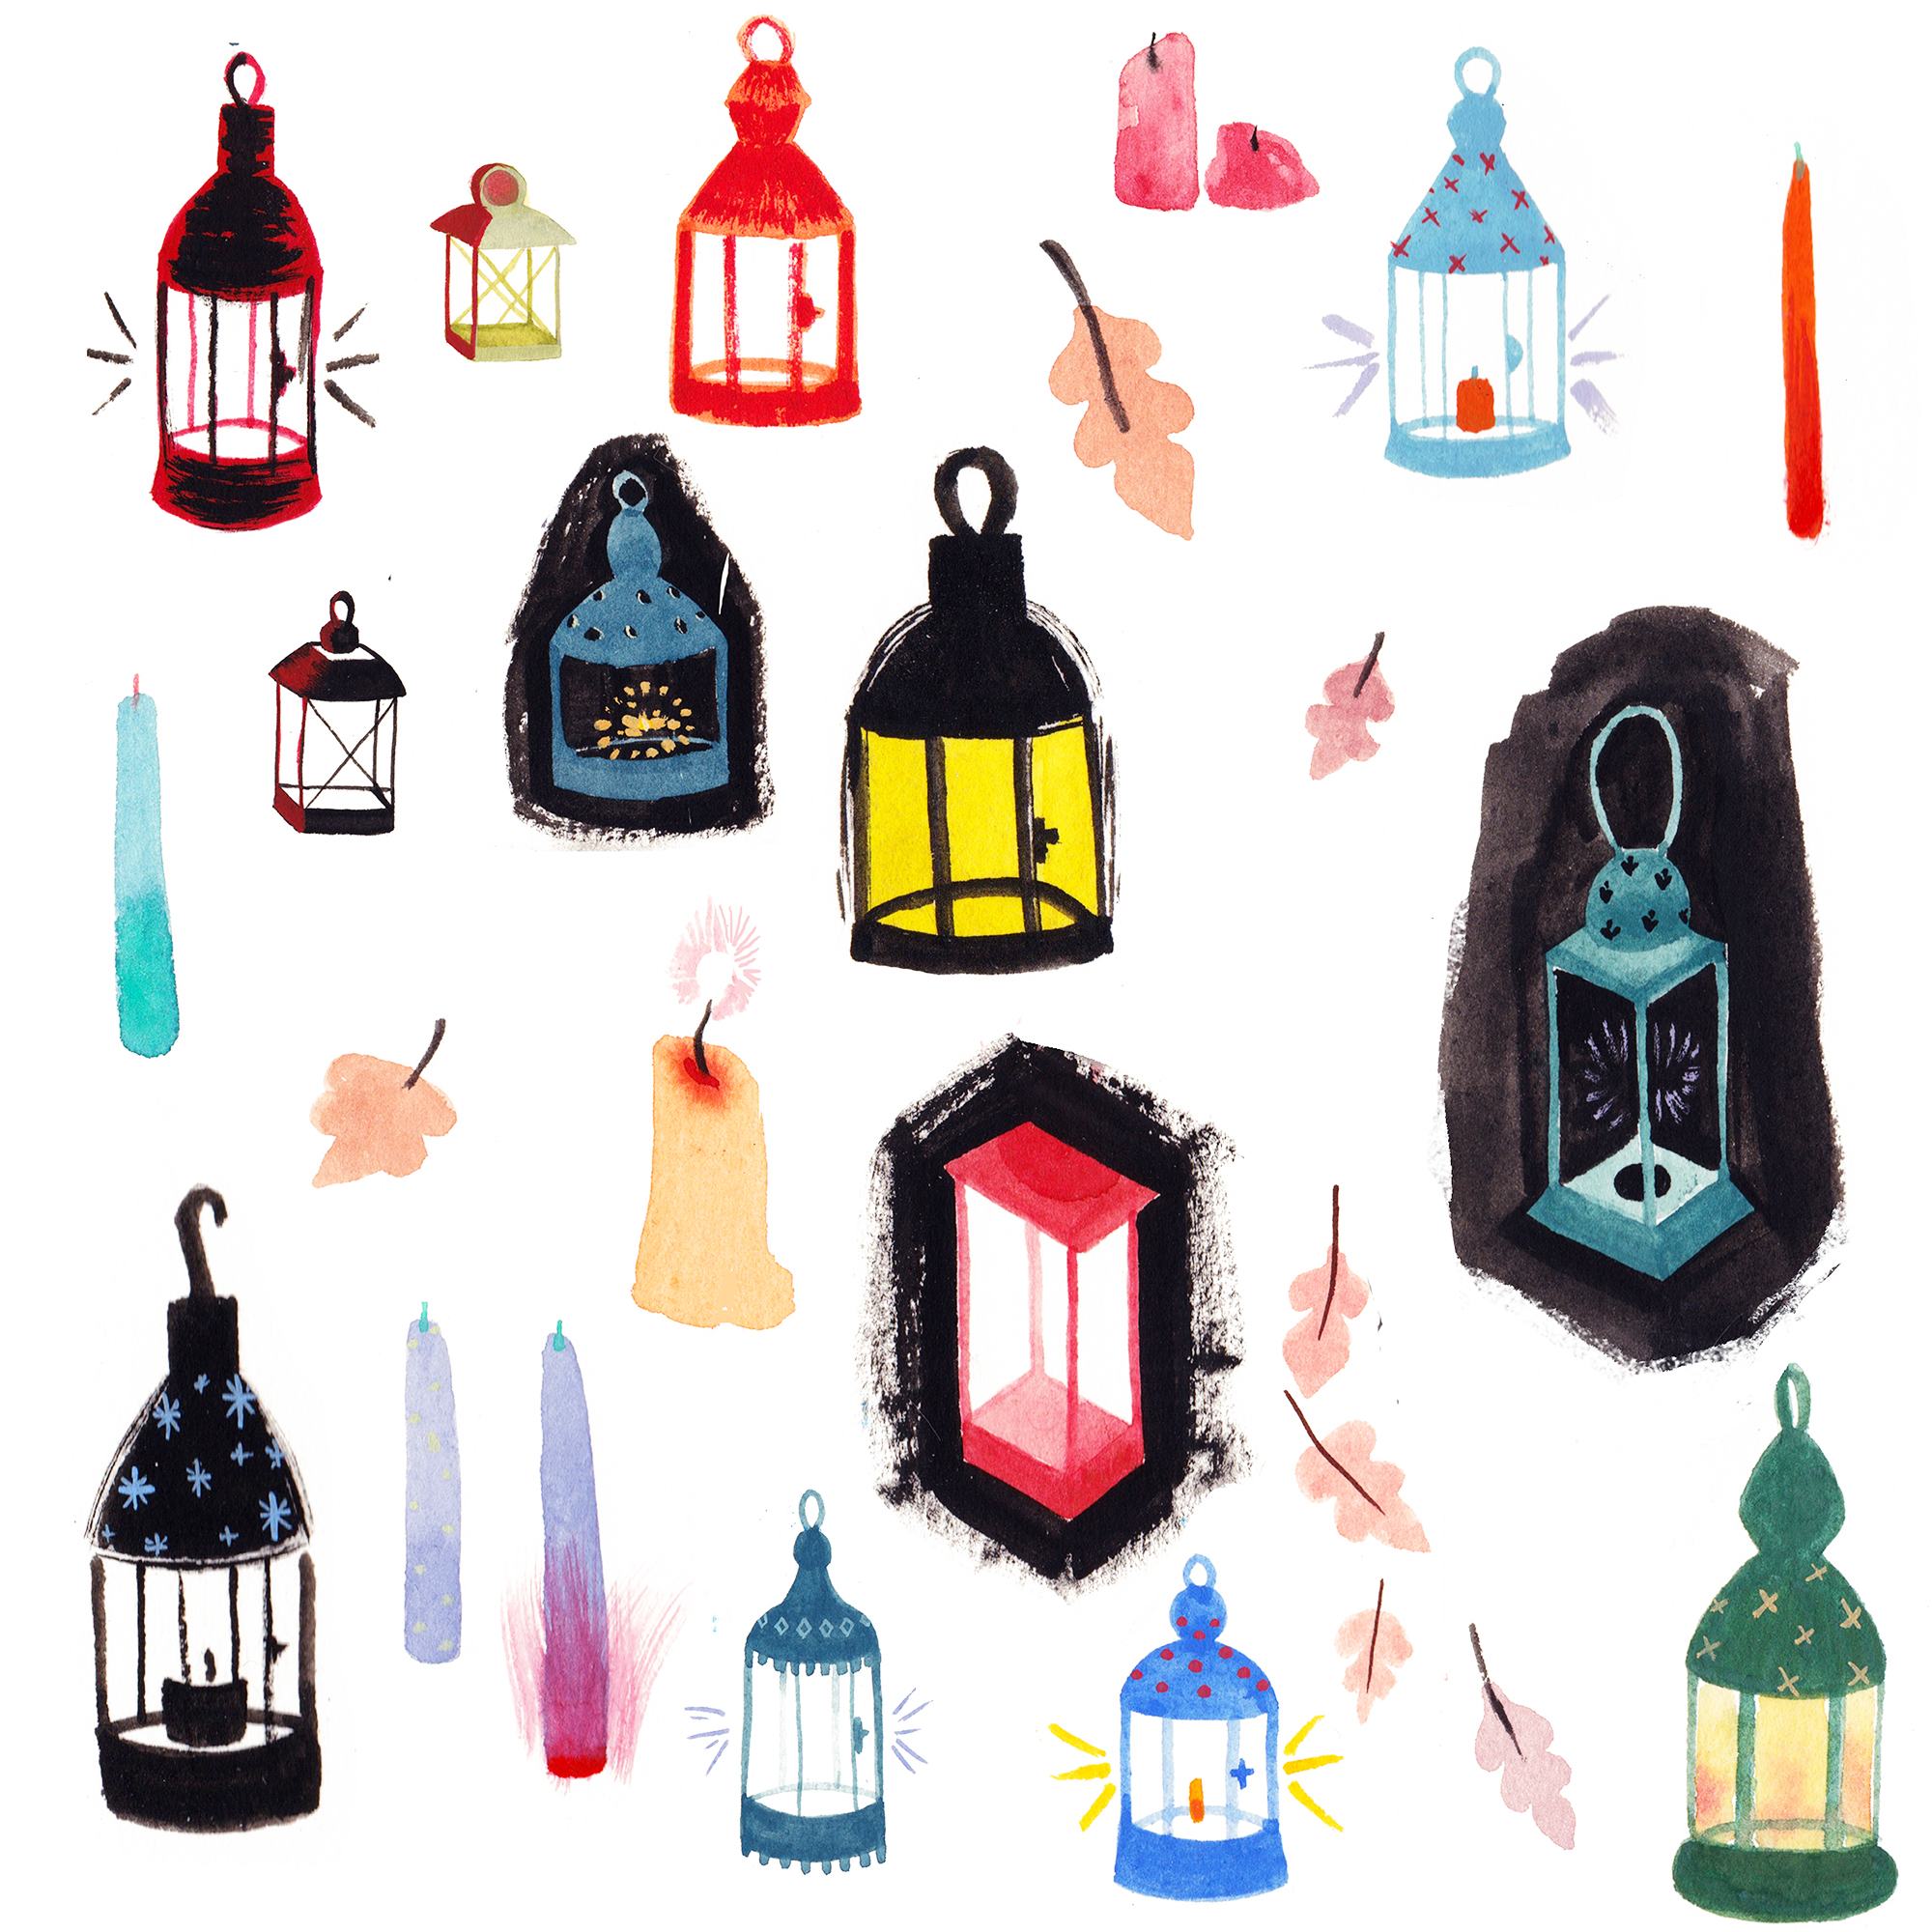 LanternsUpload.jpg